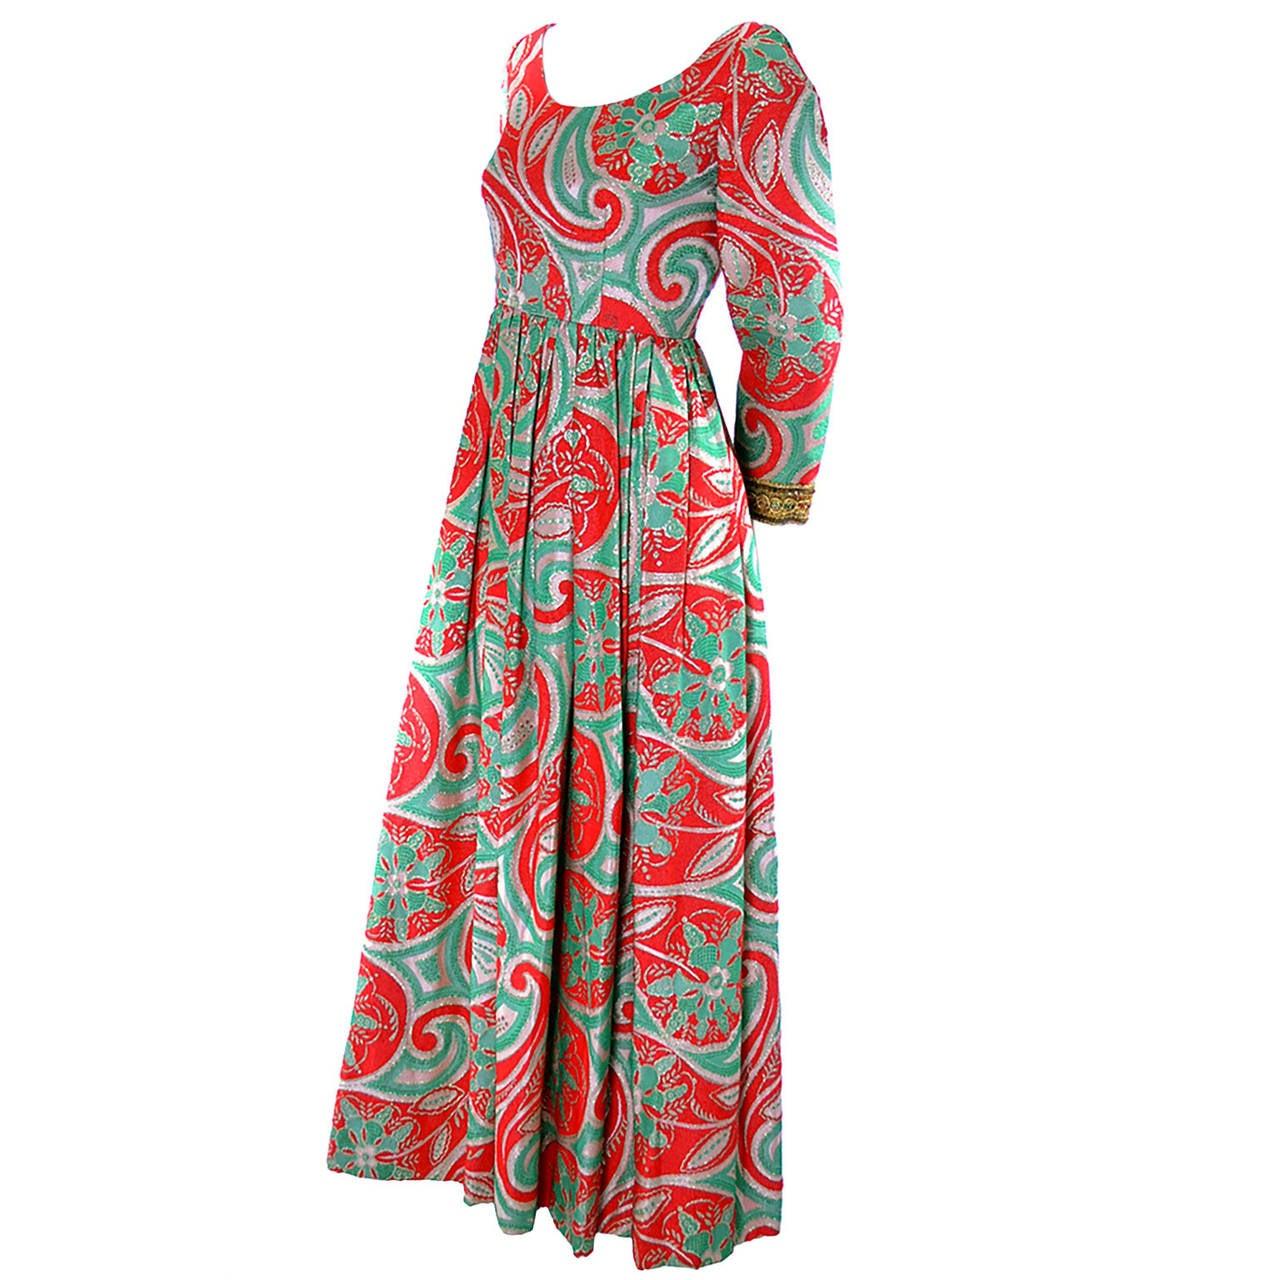 Oscar de la Renta Dress Boutique Vintage Dress 1960s Metallic Paisley Maxi For Sale